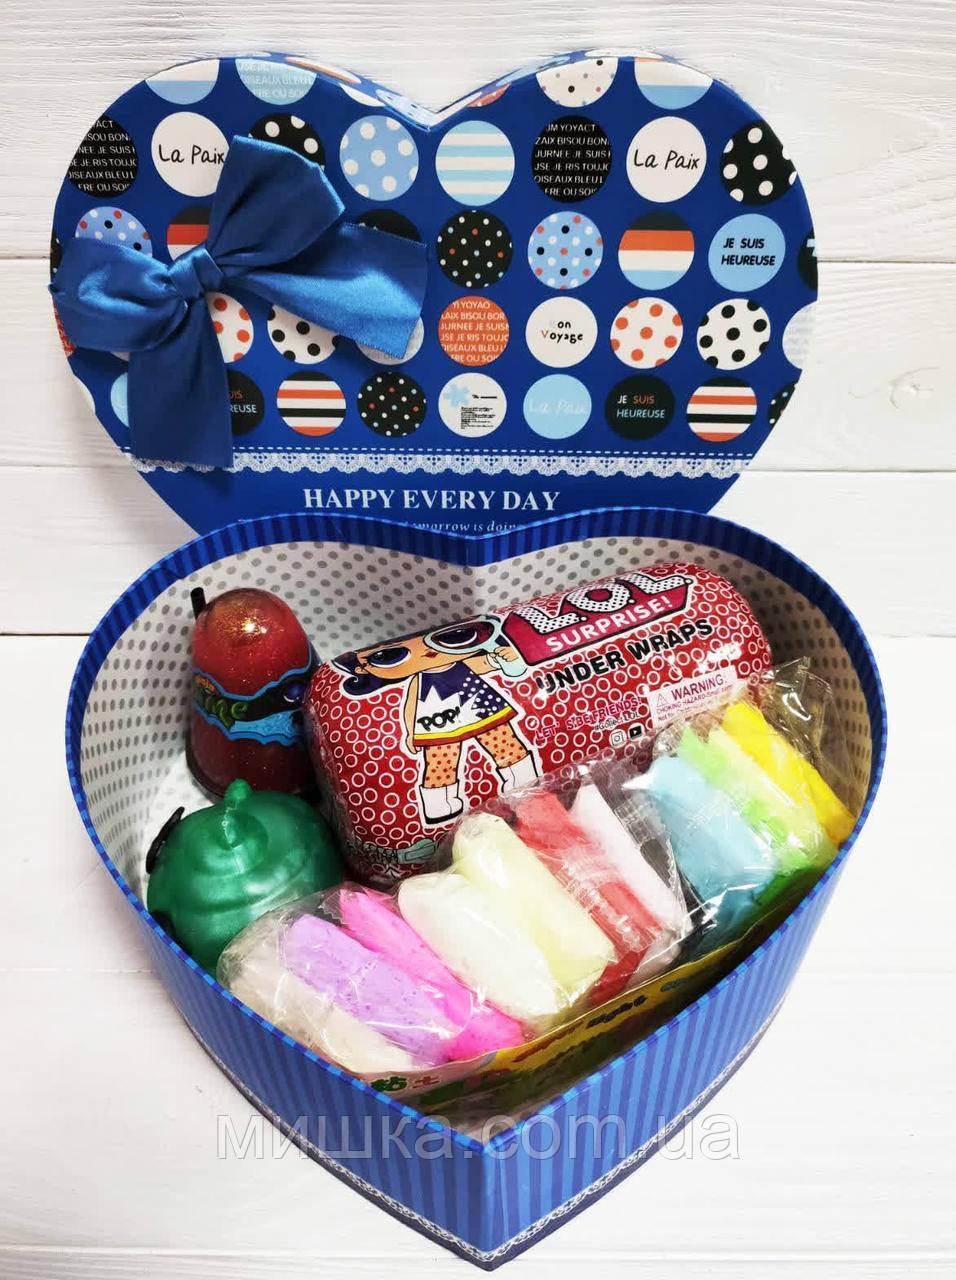 Подарочный набор к 8 Марта LOL Surprise, капсула, слайм, единорог, воздушный пластилин!